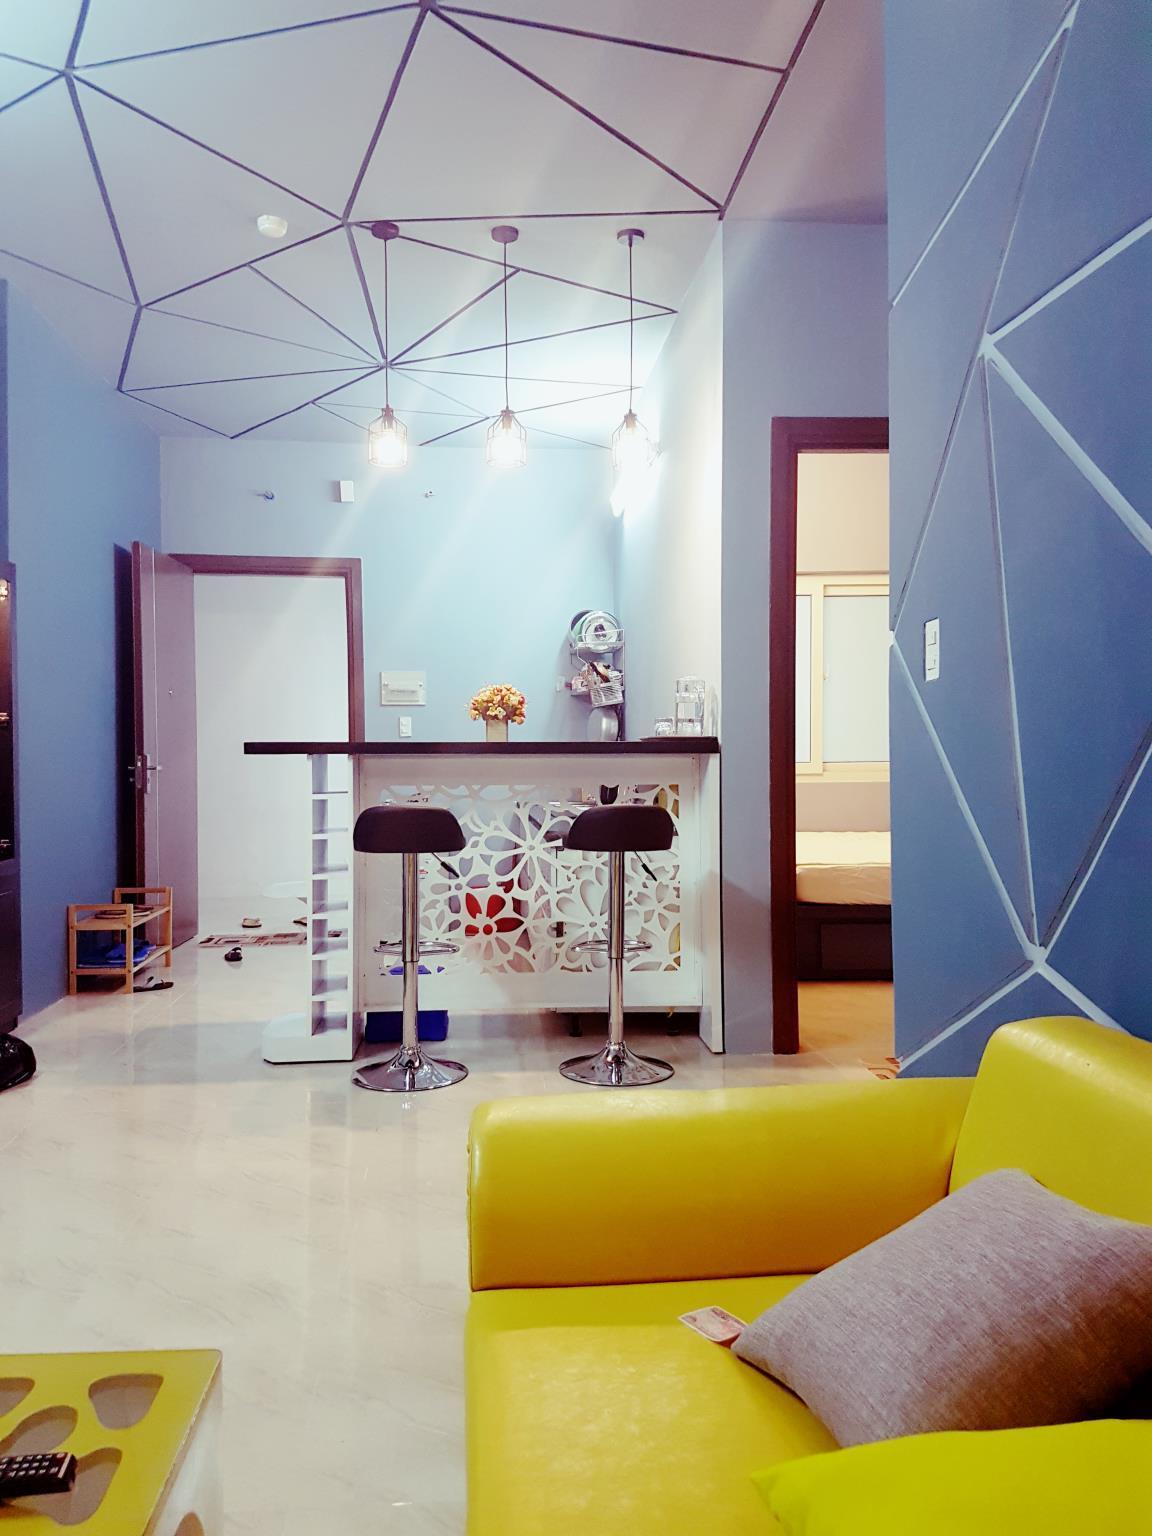 Seaview Apartment In Nha Trang